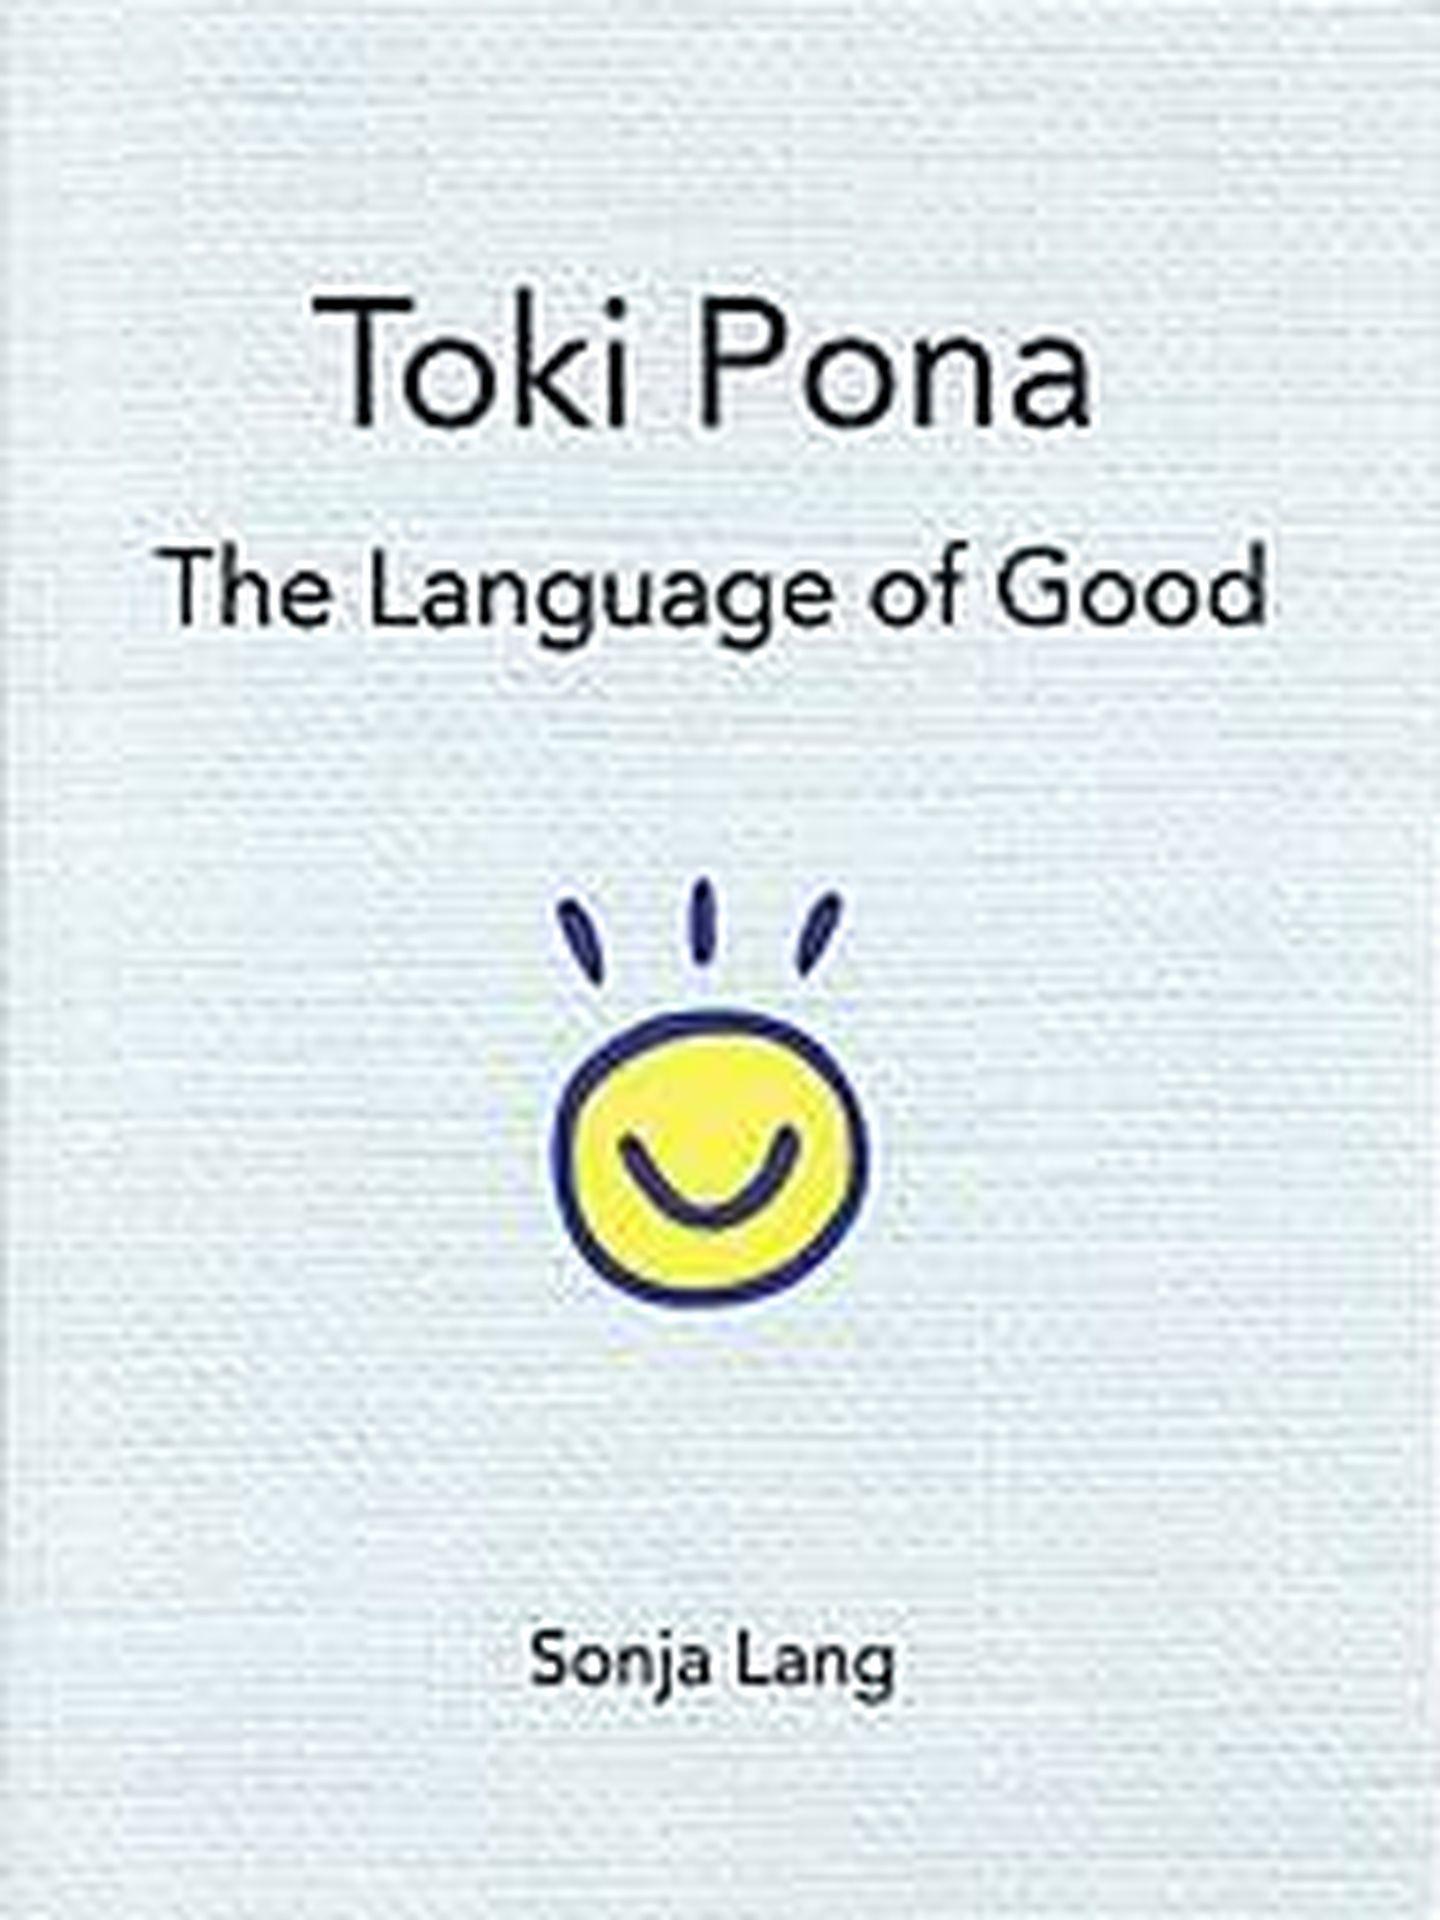 Portada del libro sobre el Toki Pona.